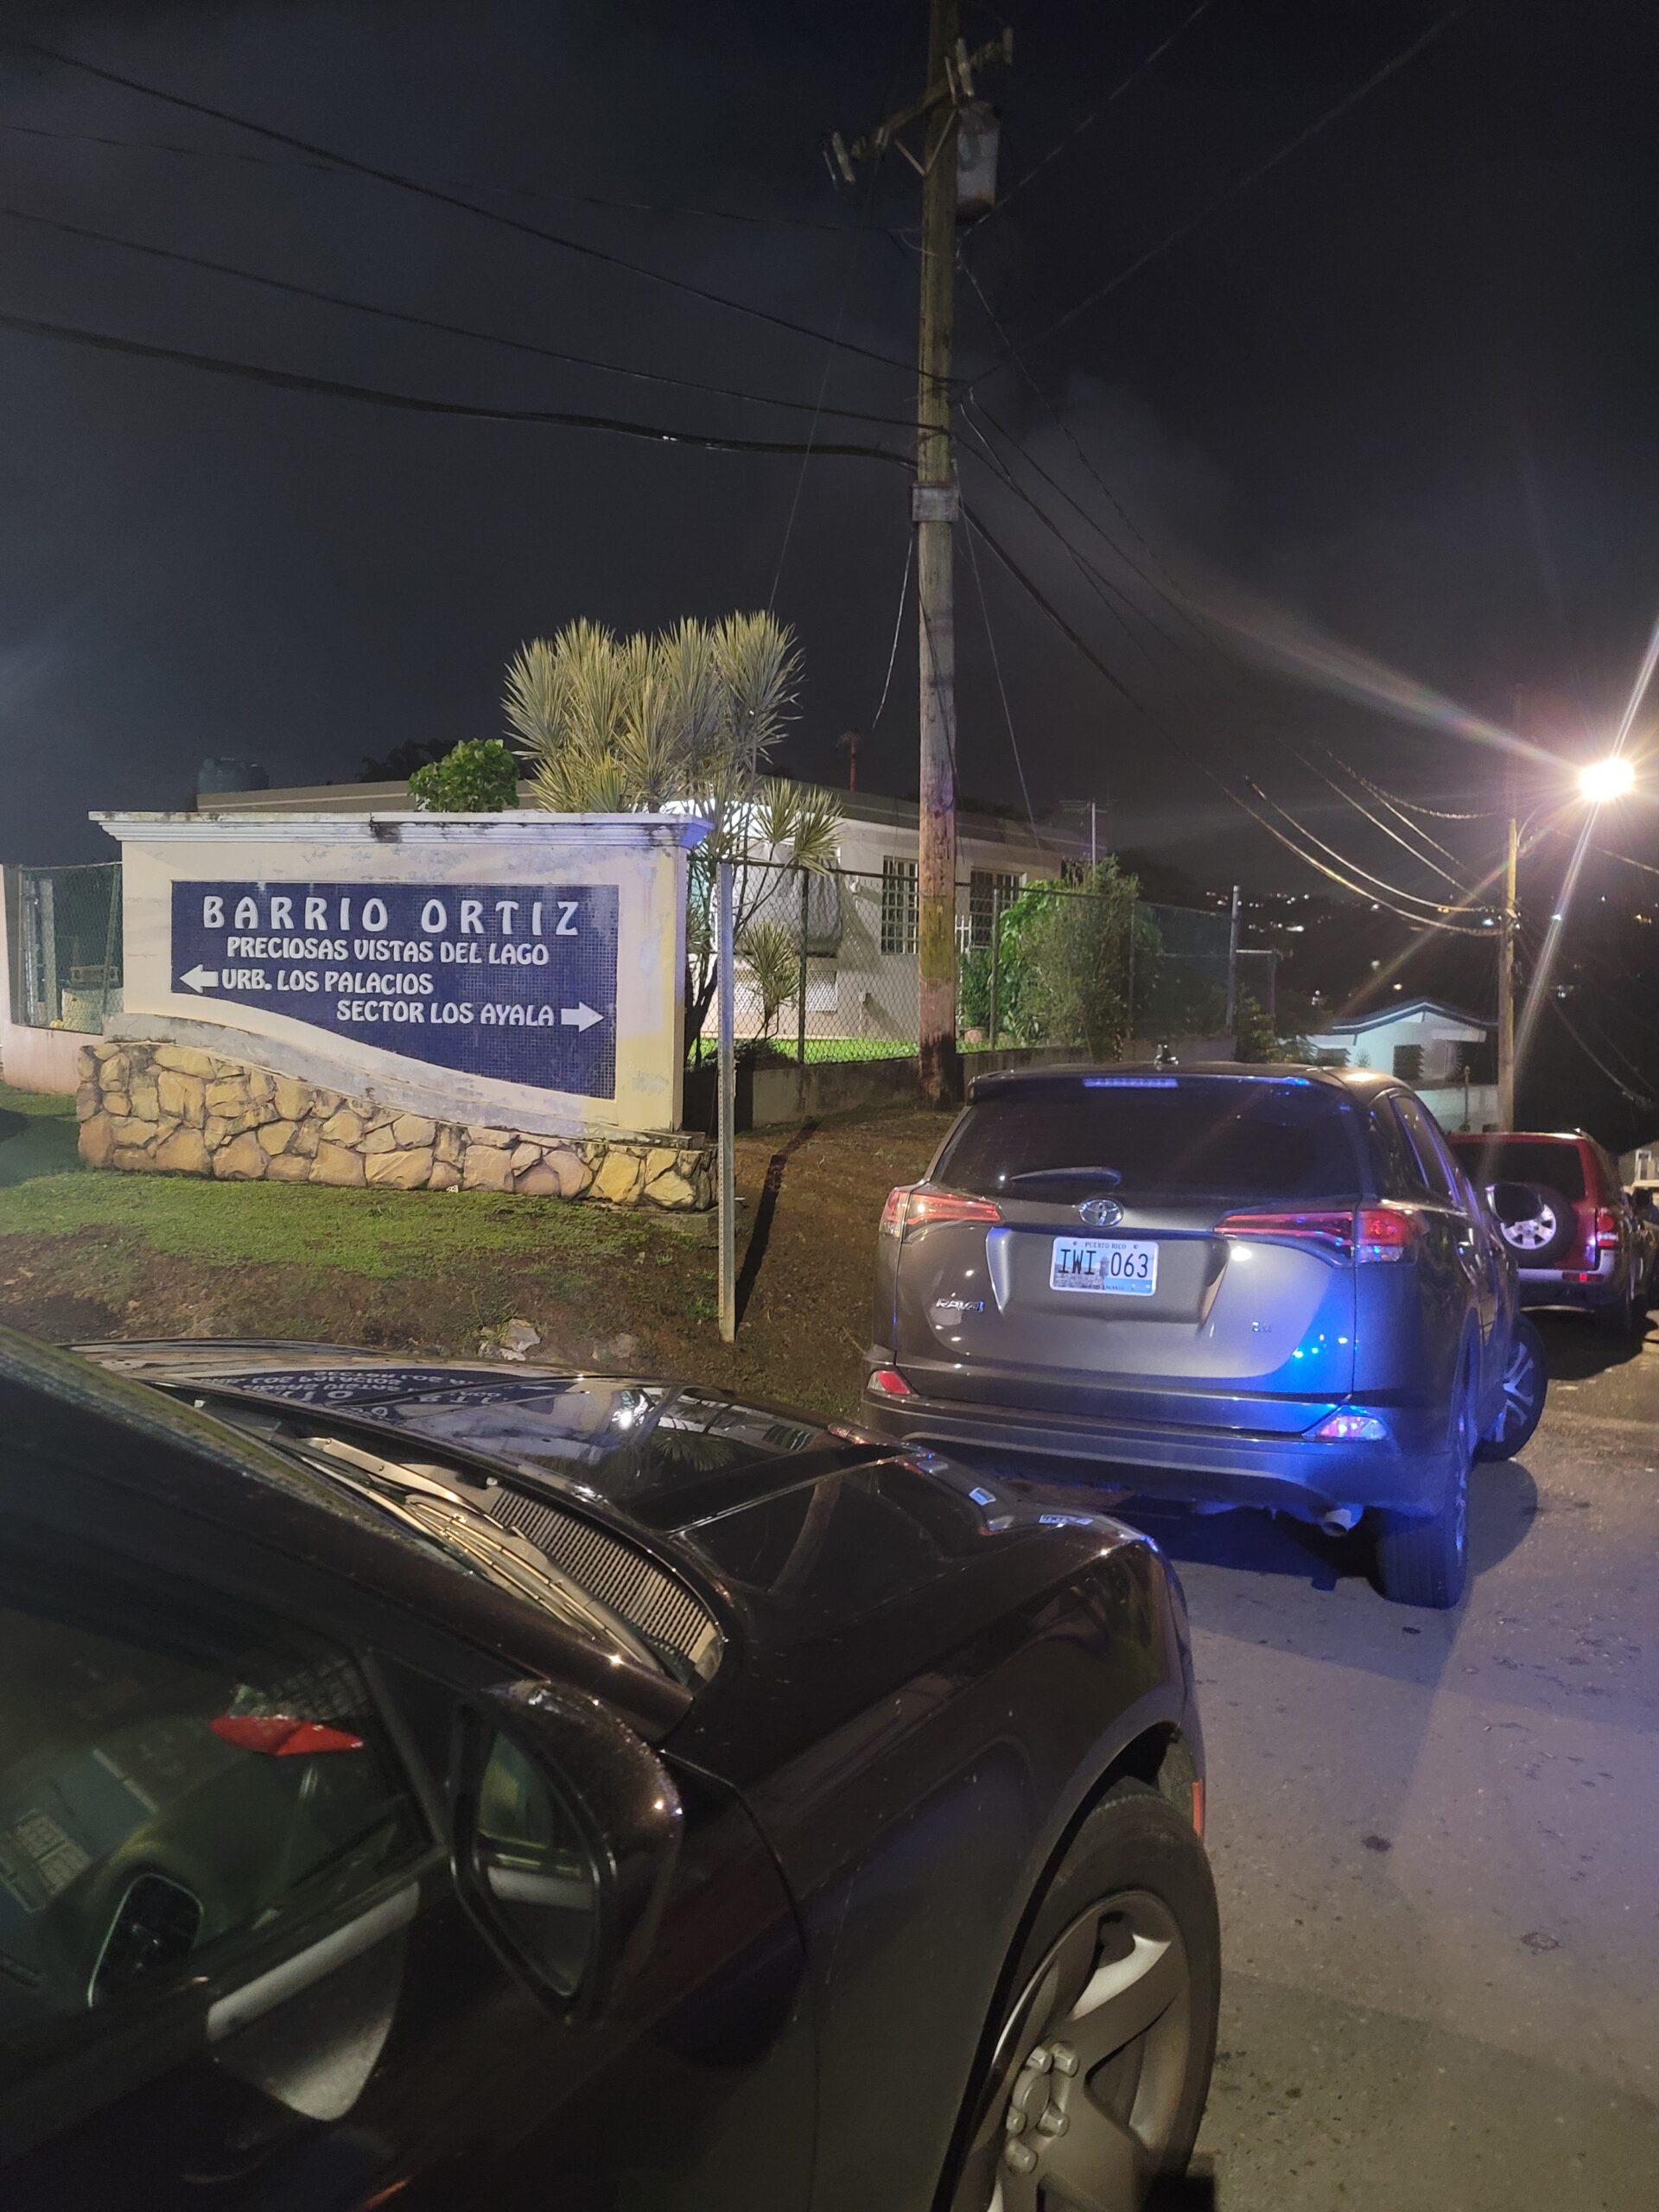 En estos momentos Vehículos Hurtados allana residencia en el Bo. Ortiz en Toa Alta, CombatZonePR